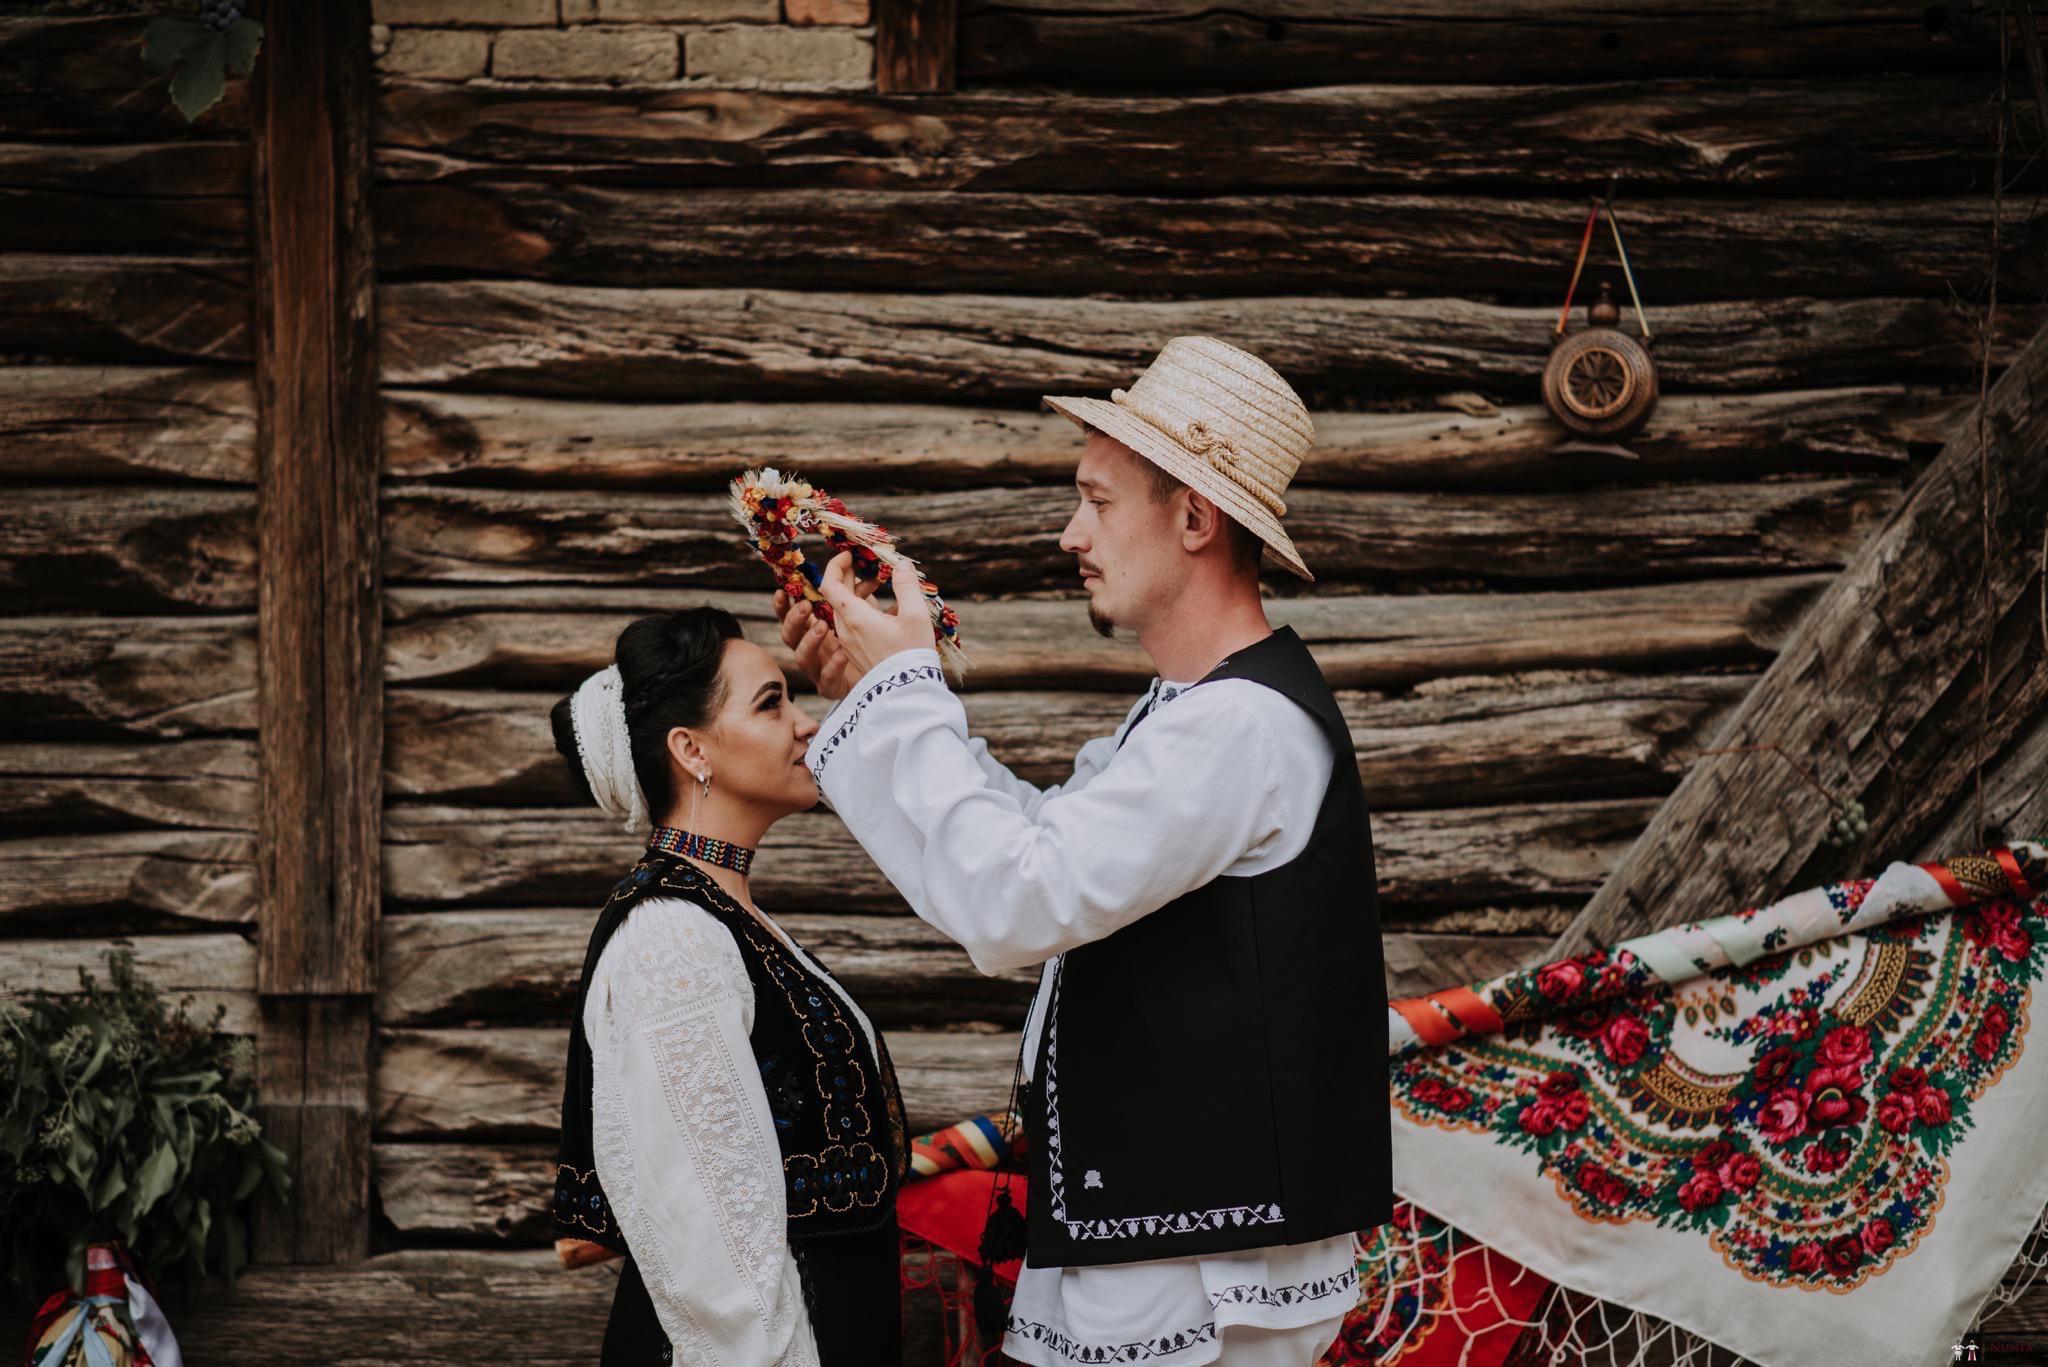 Povești Nunți Tradiționale - Silvia și Adrian. Nuntă tradițională în Ghighișeni, Bihor 26